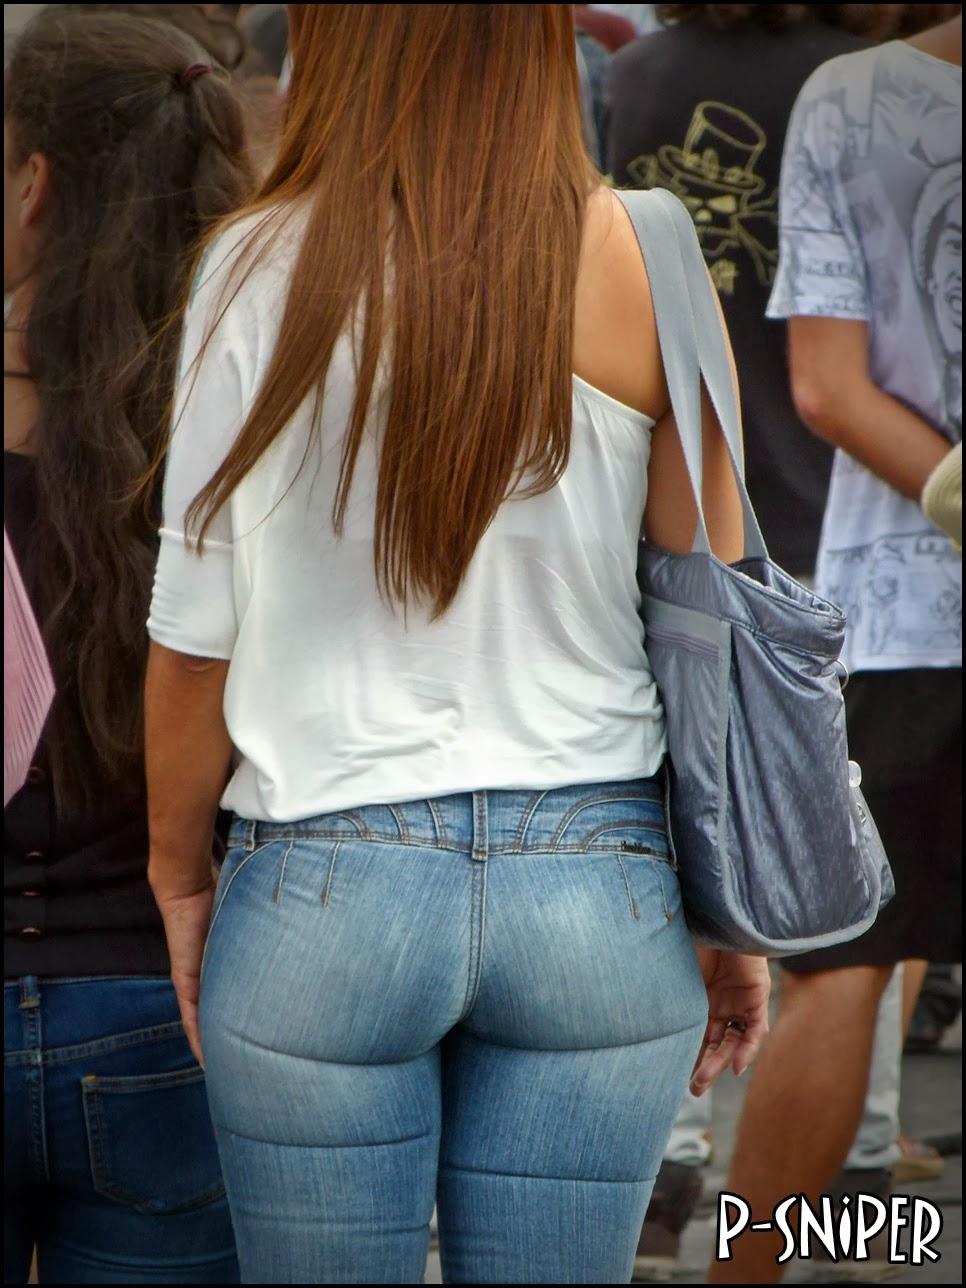 image Un buen culo con un apretado pantalón azul